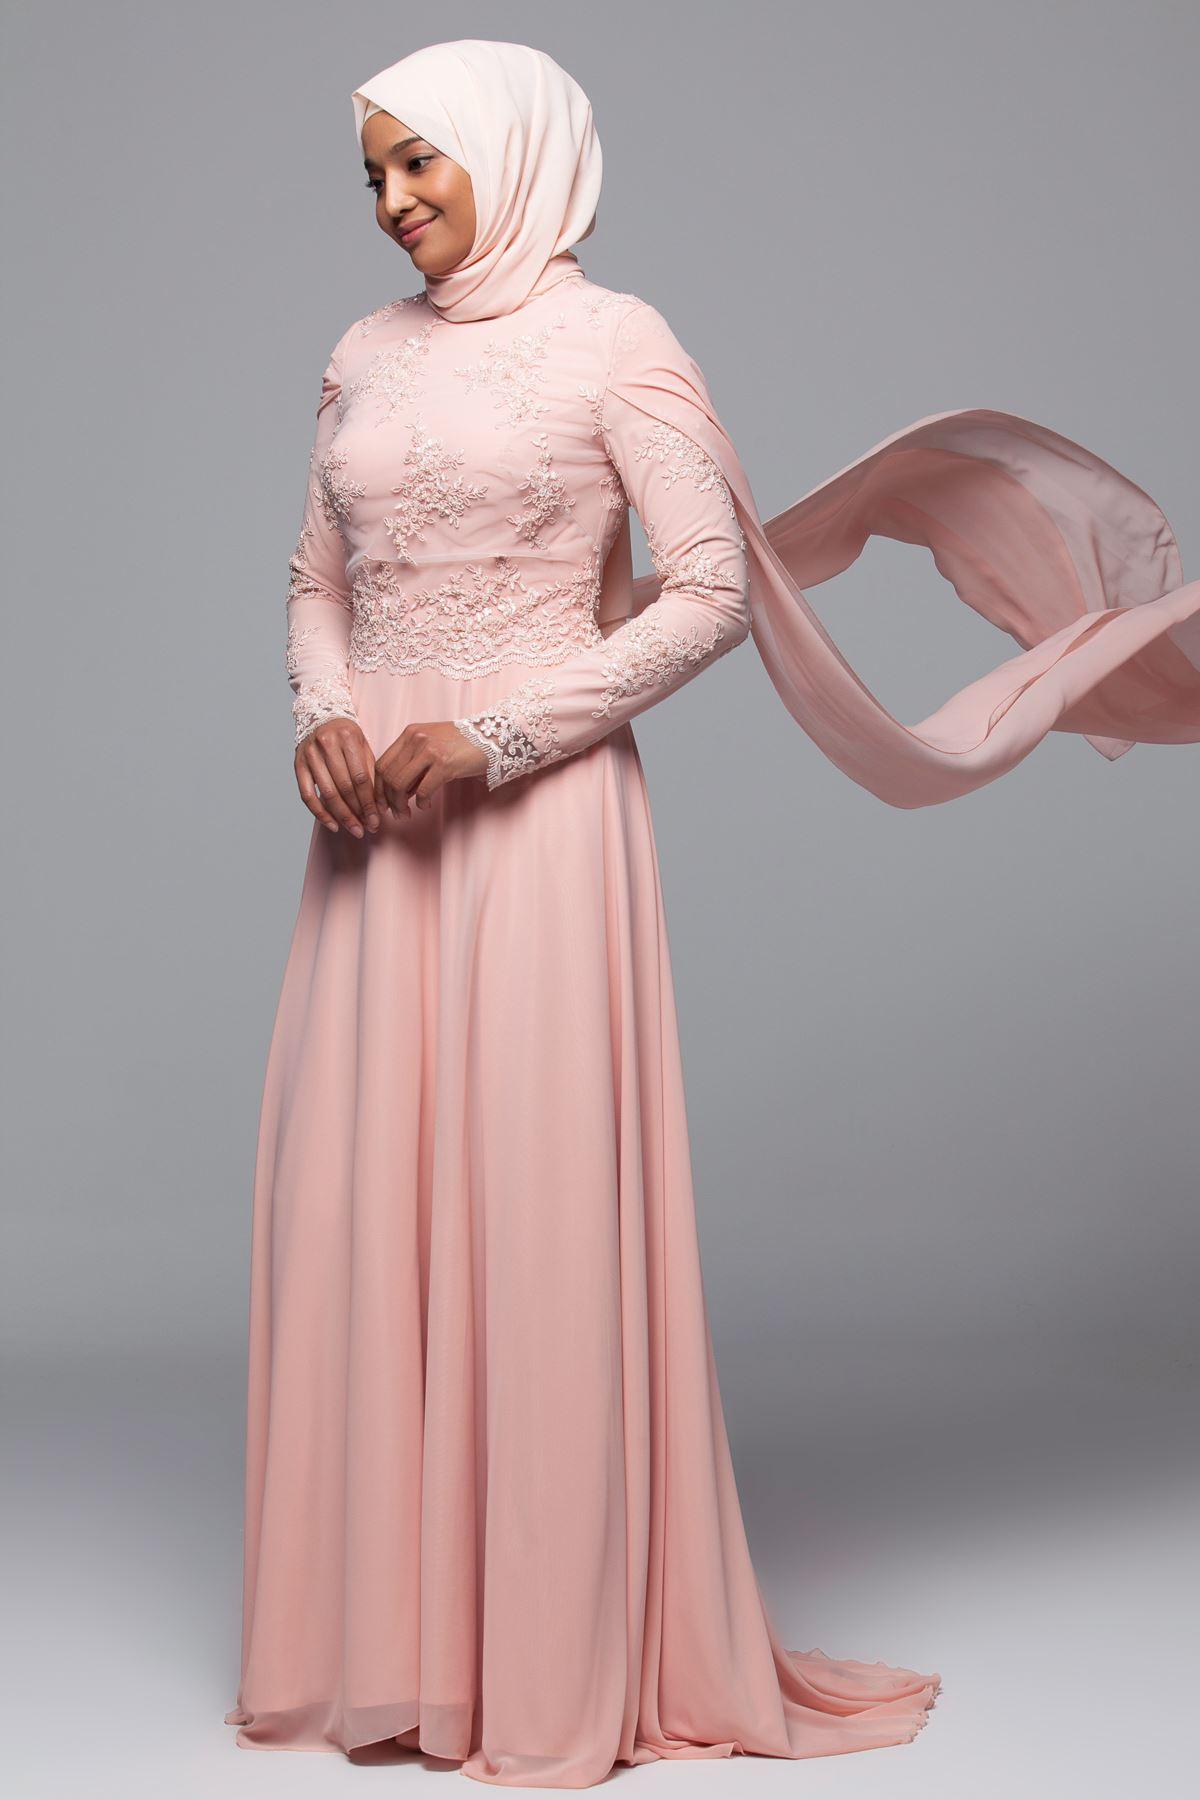 İlkbahar Yaz Tesettür Modası: İşbilir Pardesü Modelleri 2019-2019